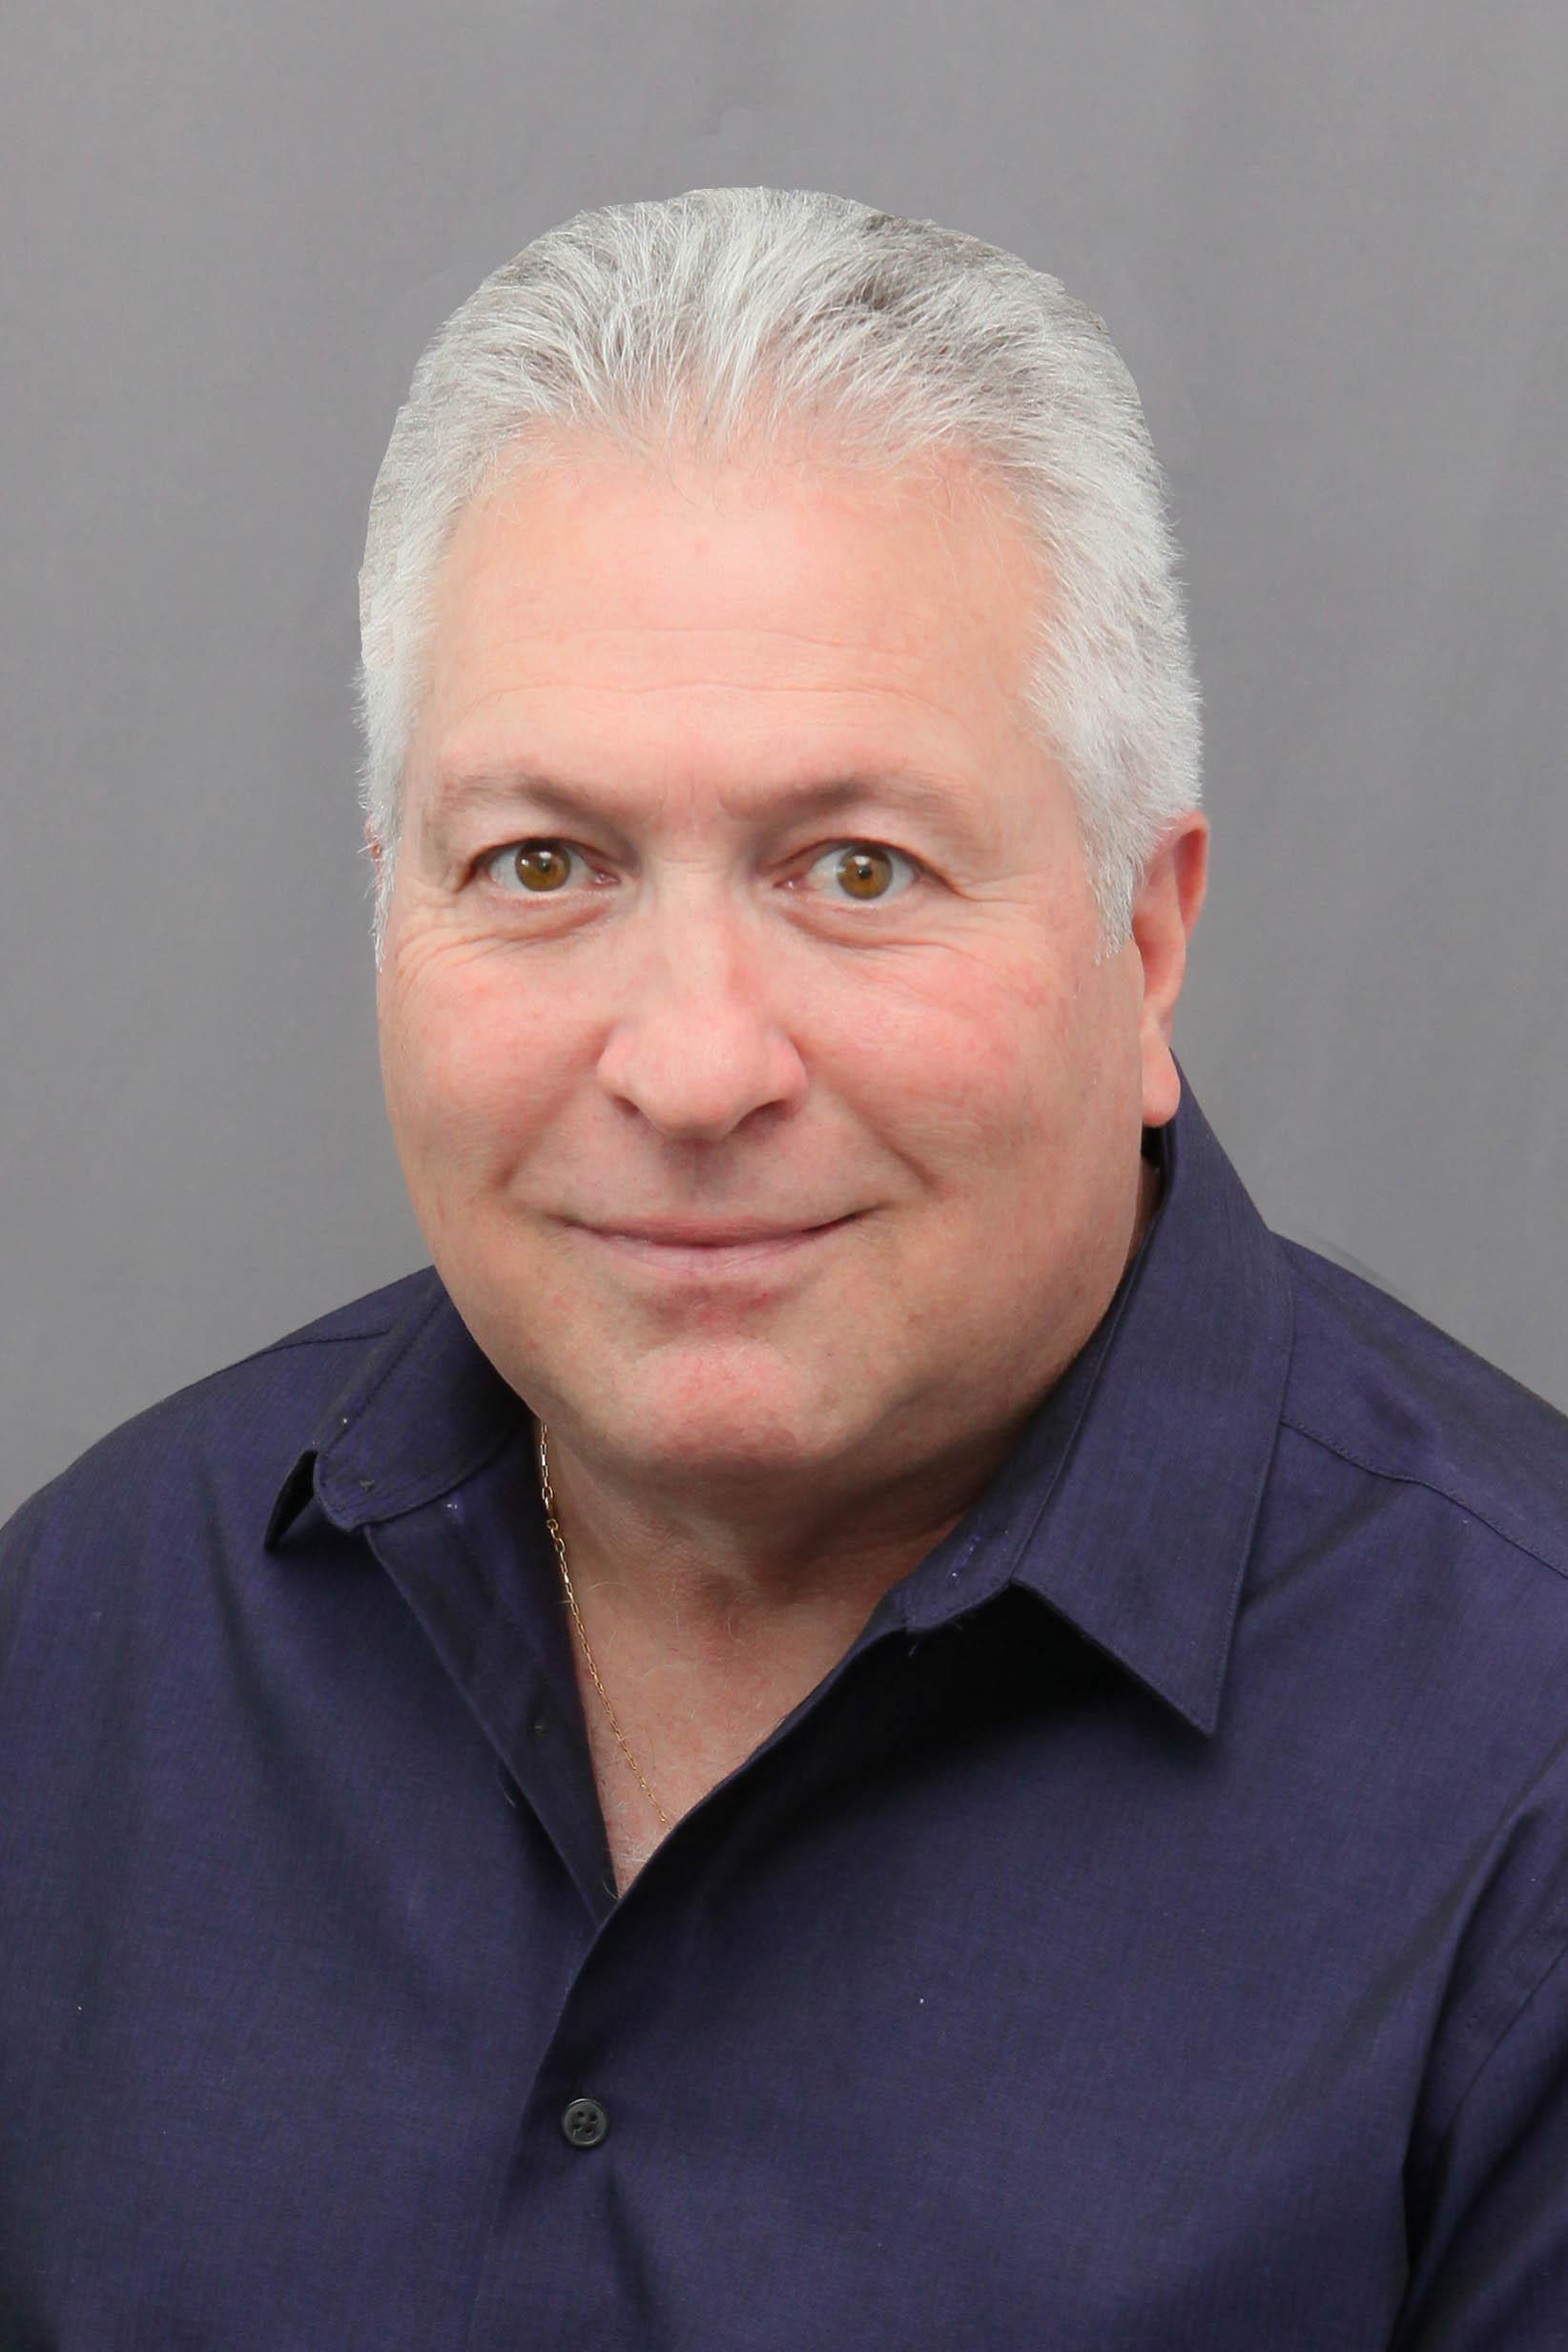 Tom Zyburski